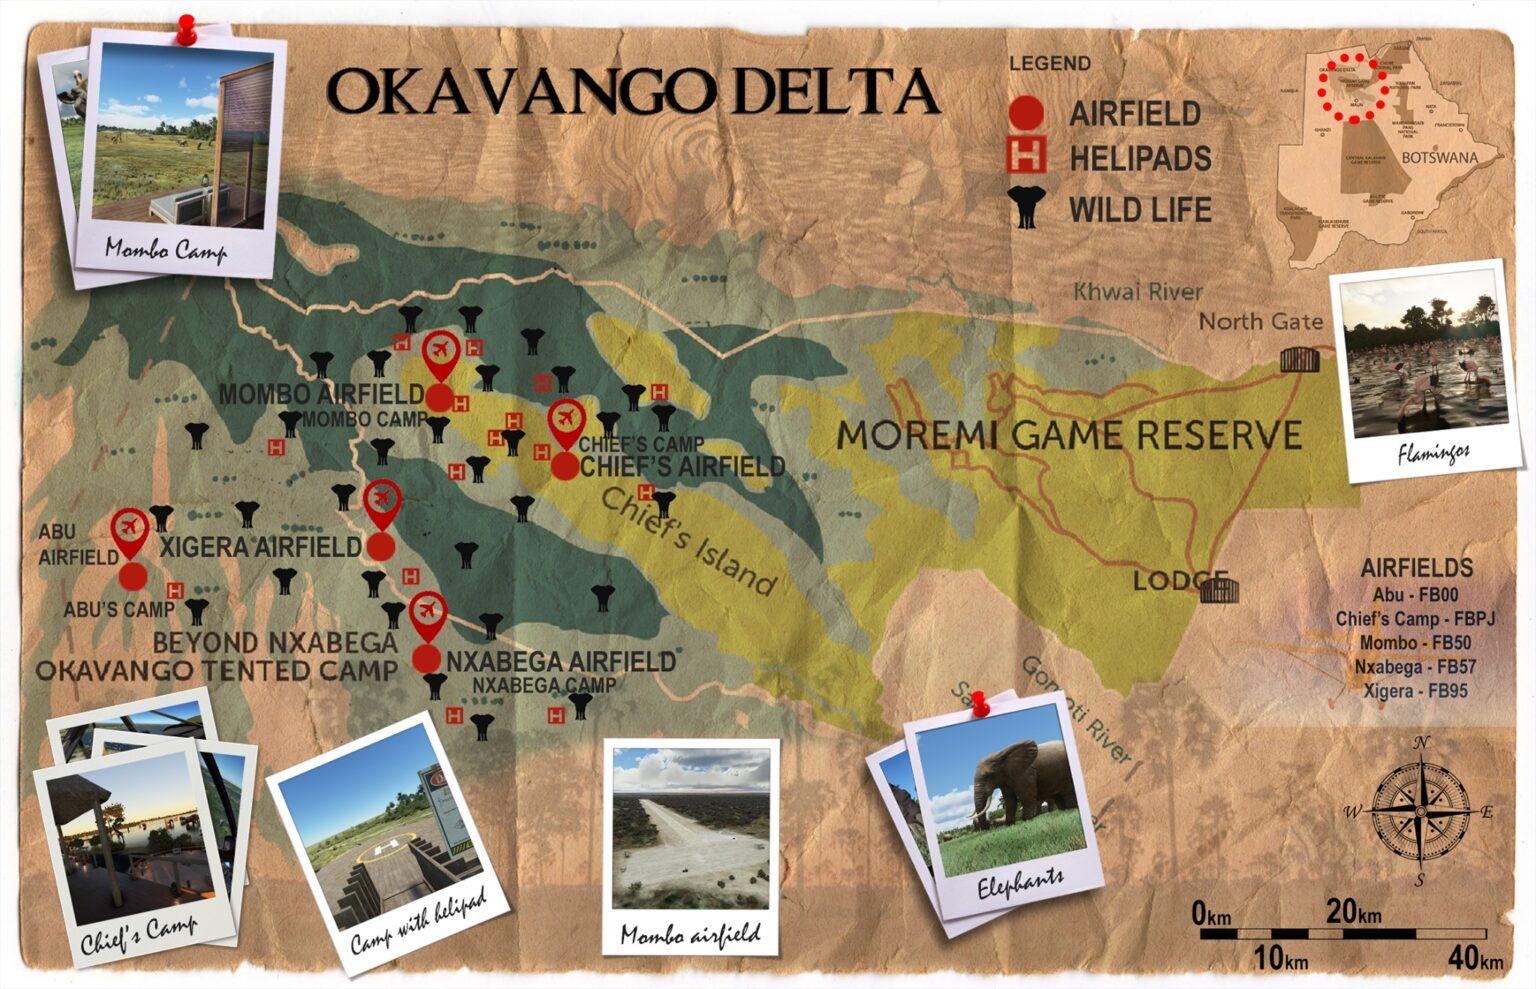 SWS_Okavango_Delta_MSFS (4)